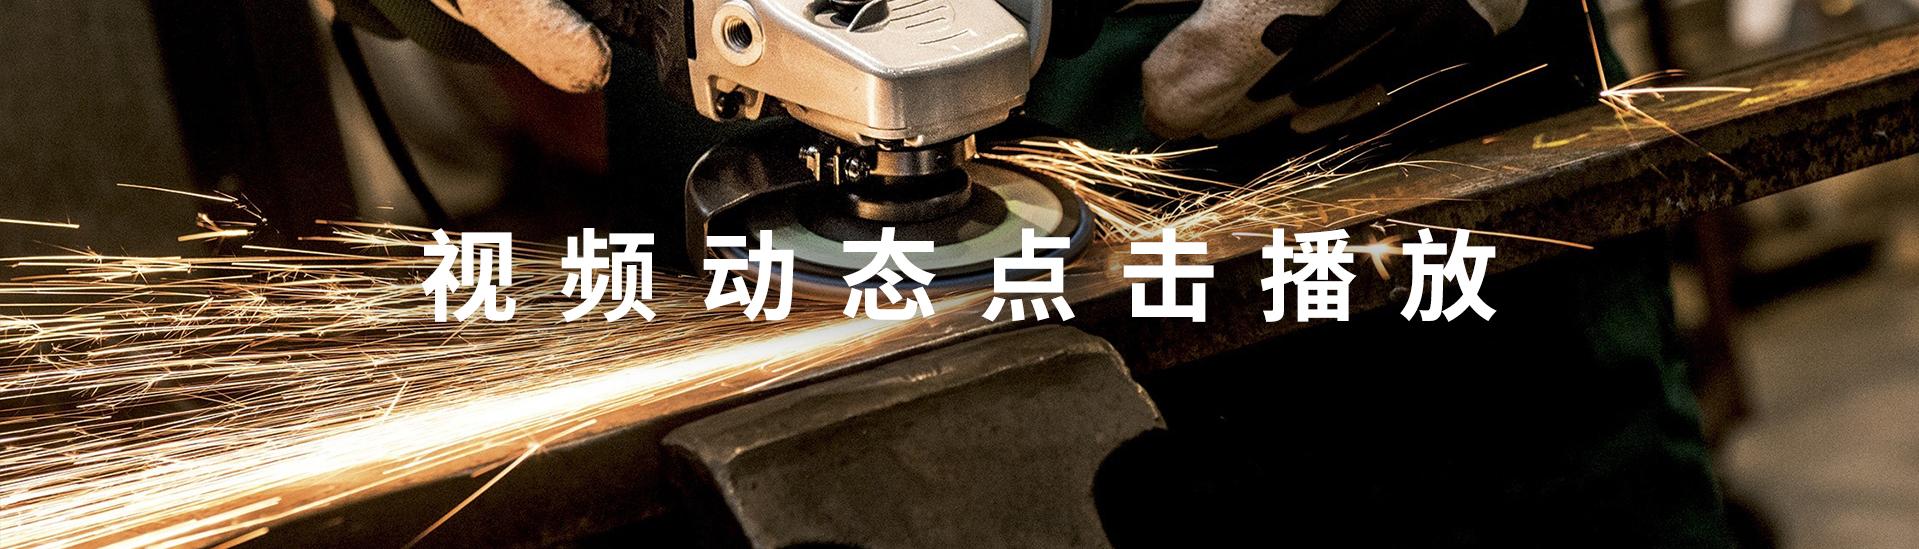 浙江南北星工貿有限公司宣傳片